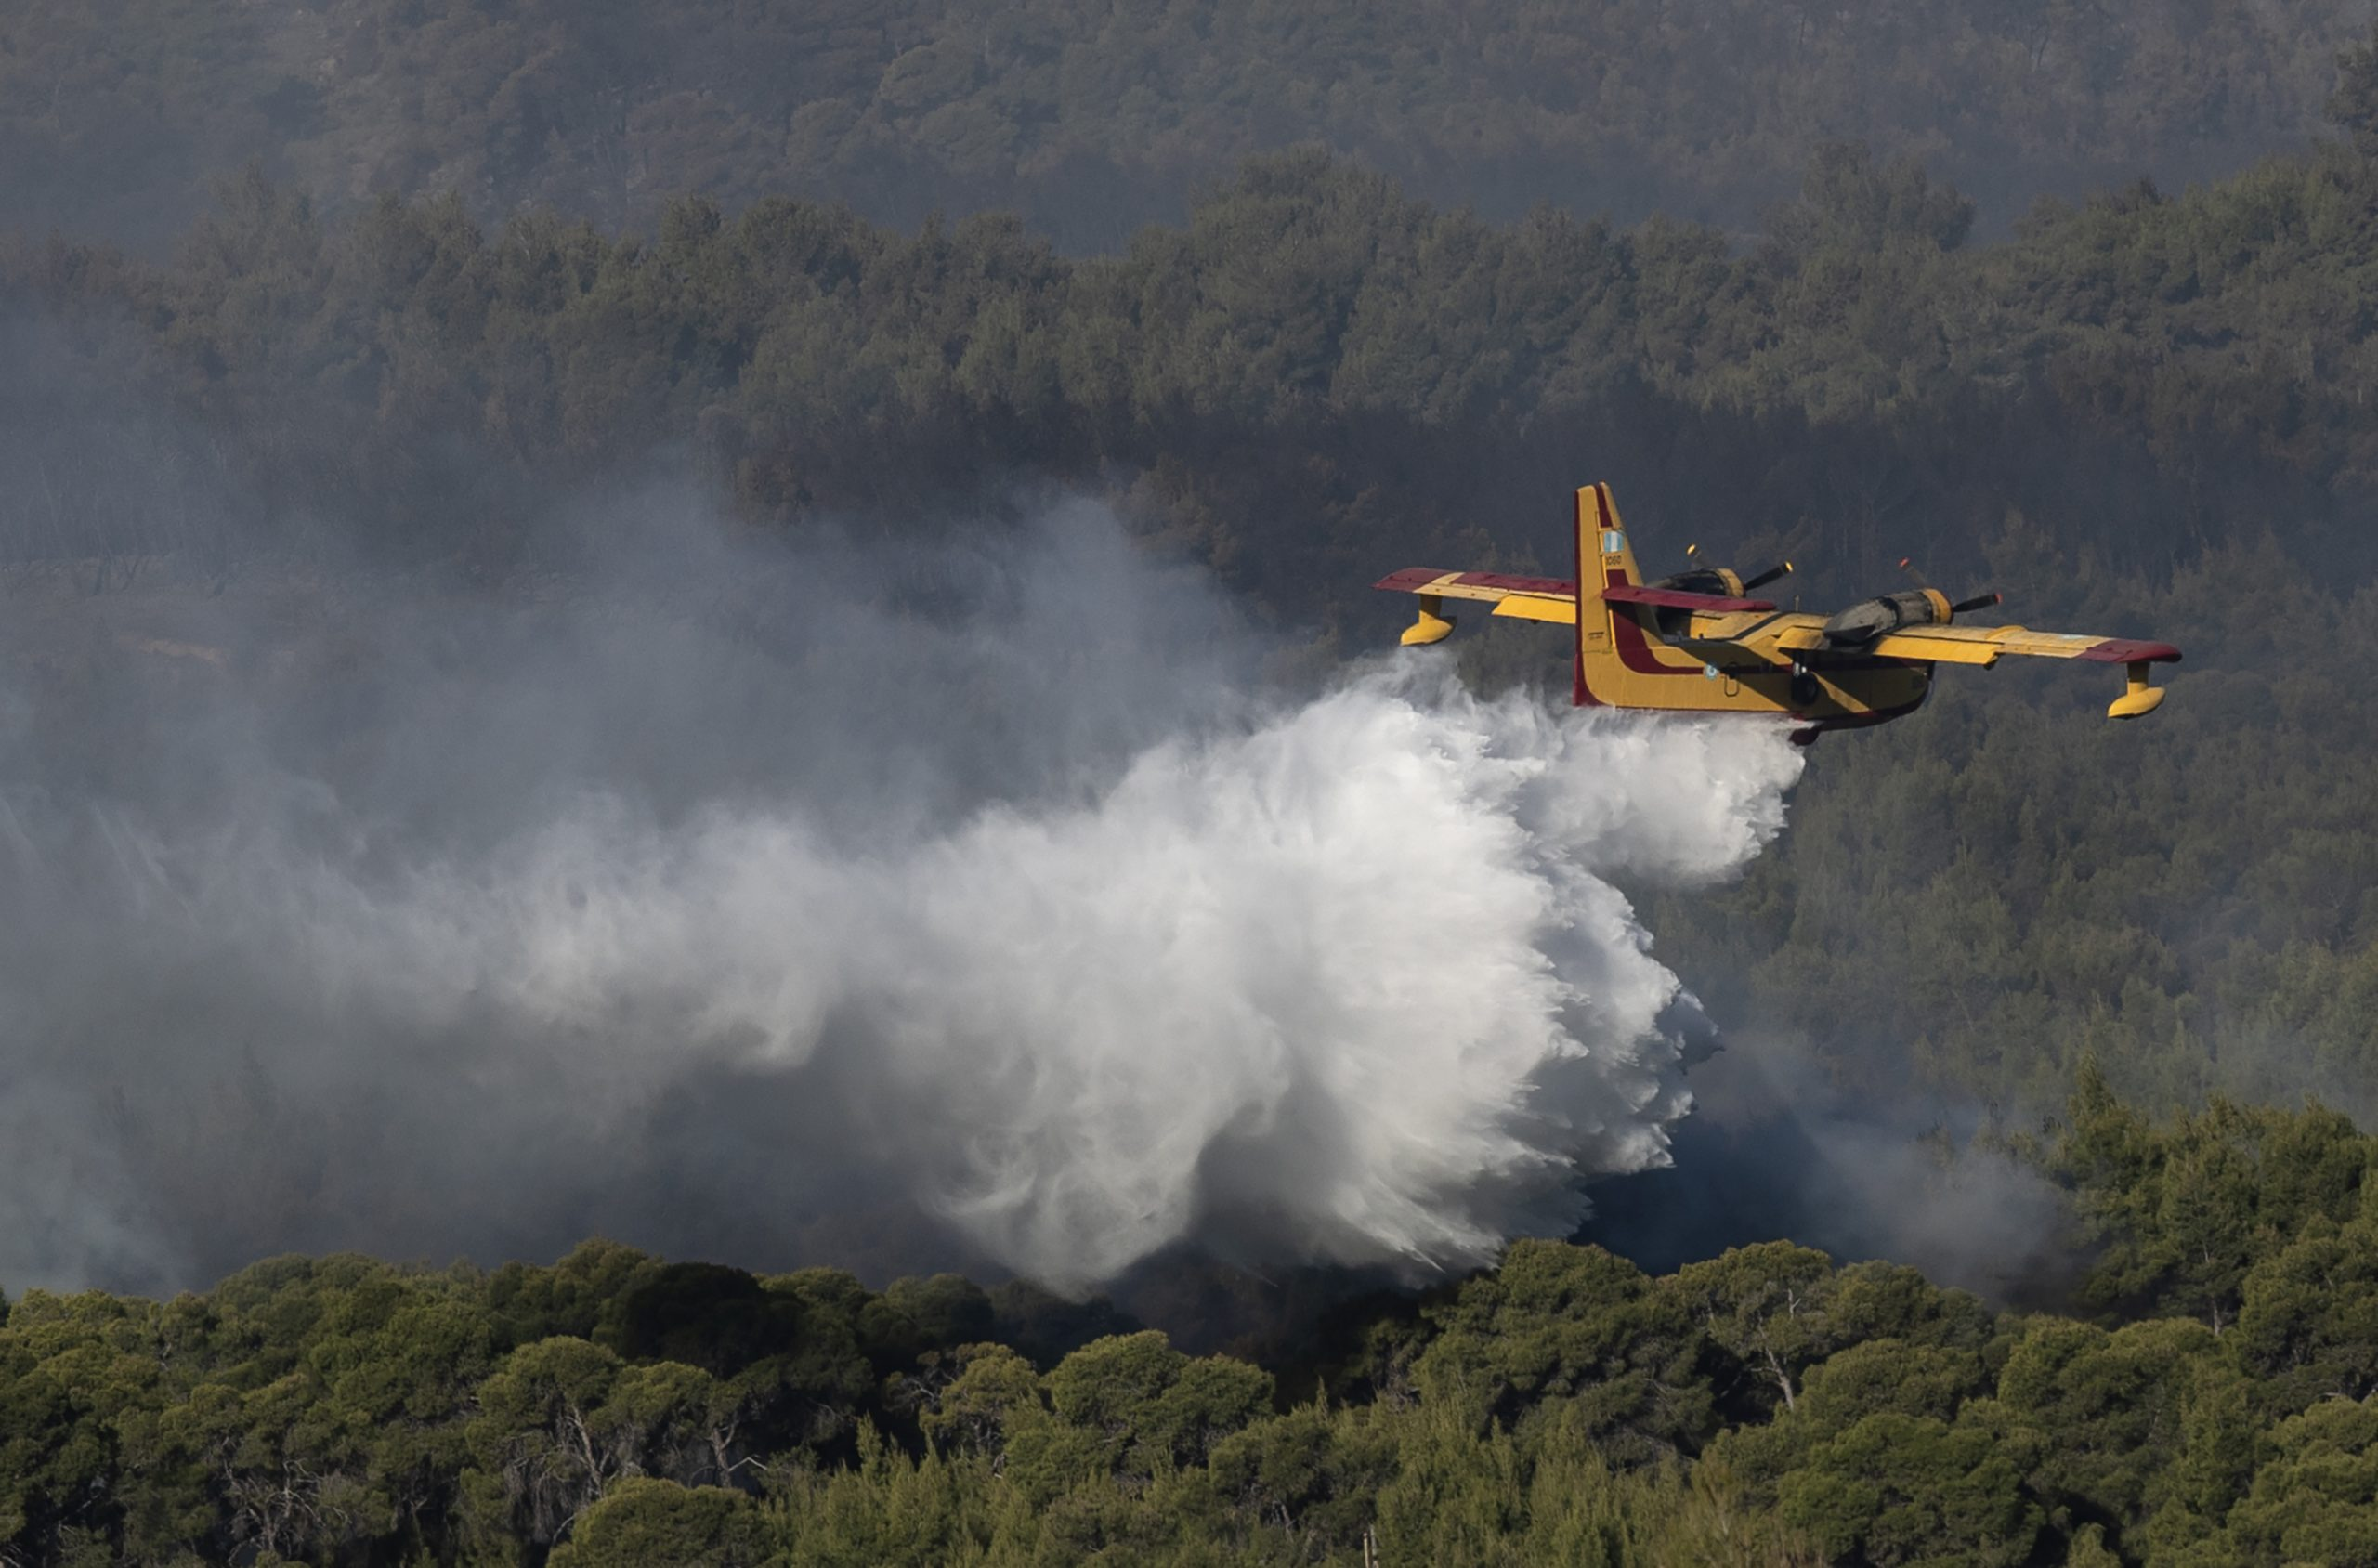 Požar u Grčkoj i dalje gori, vatrogasci od rane zore ponovo u akciji gašenja 1